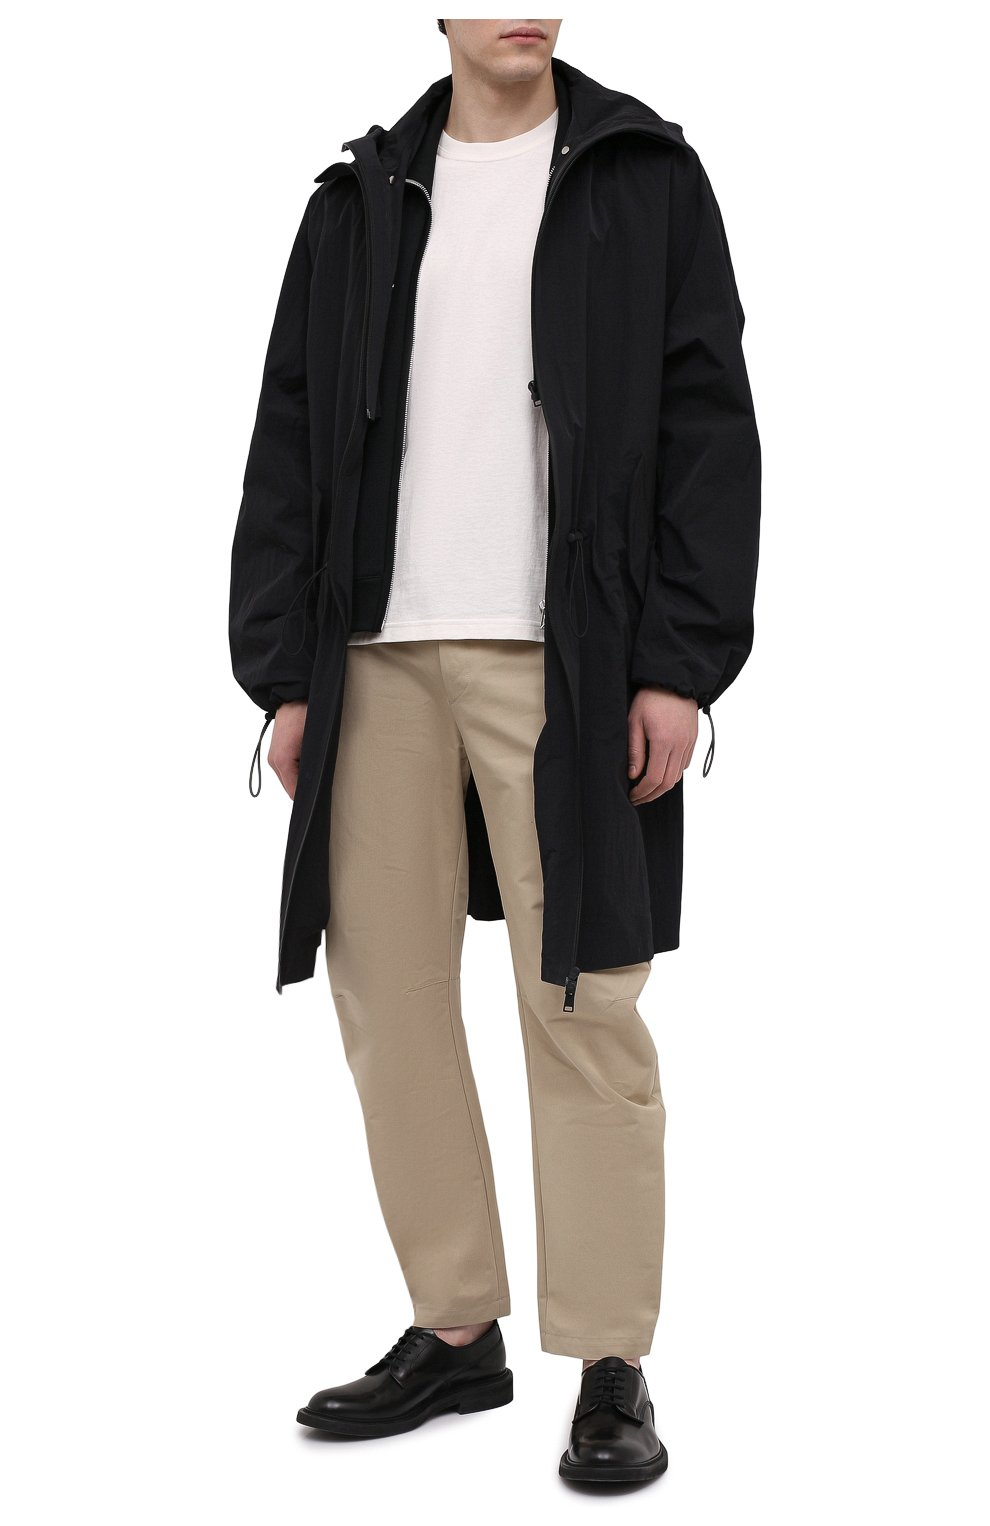 Мужские хлопковые брюки BOTTEGA VENETA бежевого цвета, арт. 647392/V0FJ0 | Фото 2 (Длина (брюки, джинсы): Стандартные; Случай: Повседневный; Материал внешний: Хлопок; Стили: Минимализм)